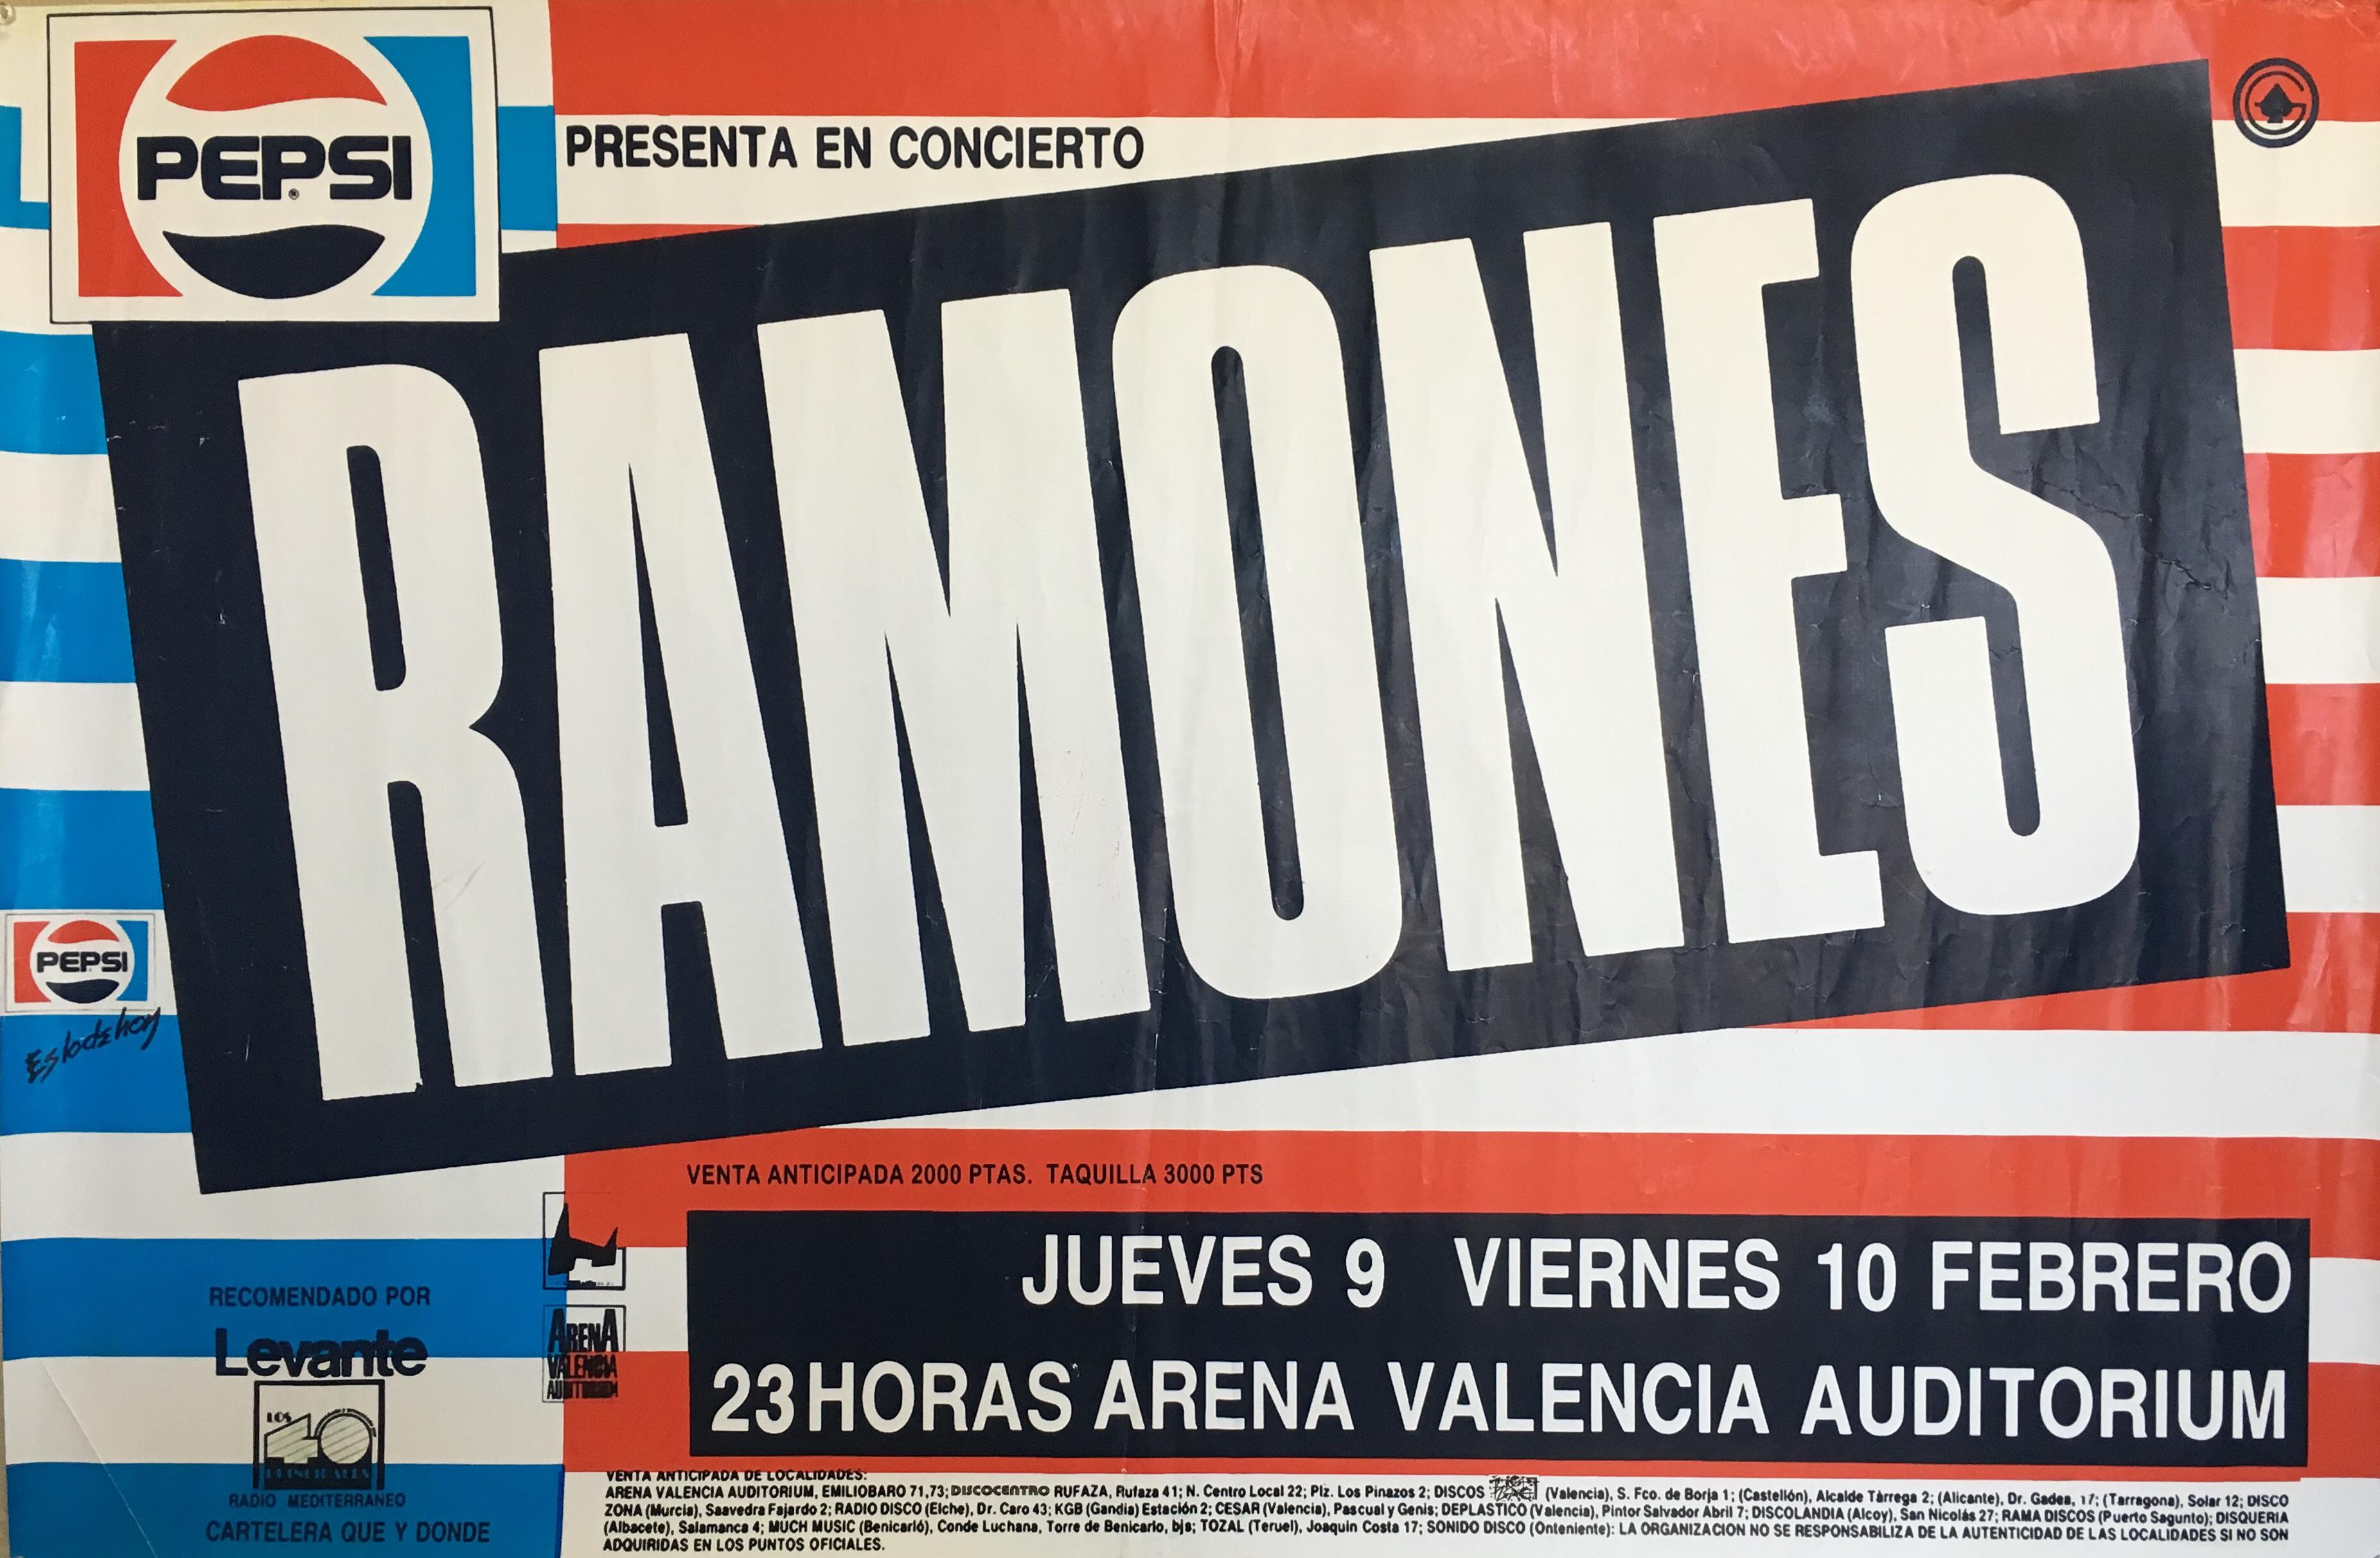 1989-02-09 & 02-10 VALENCIA, SPAIN